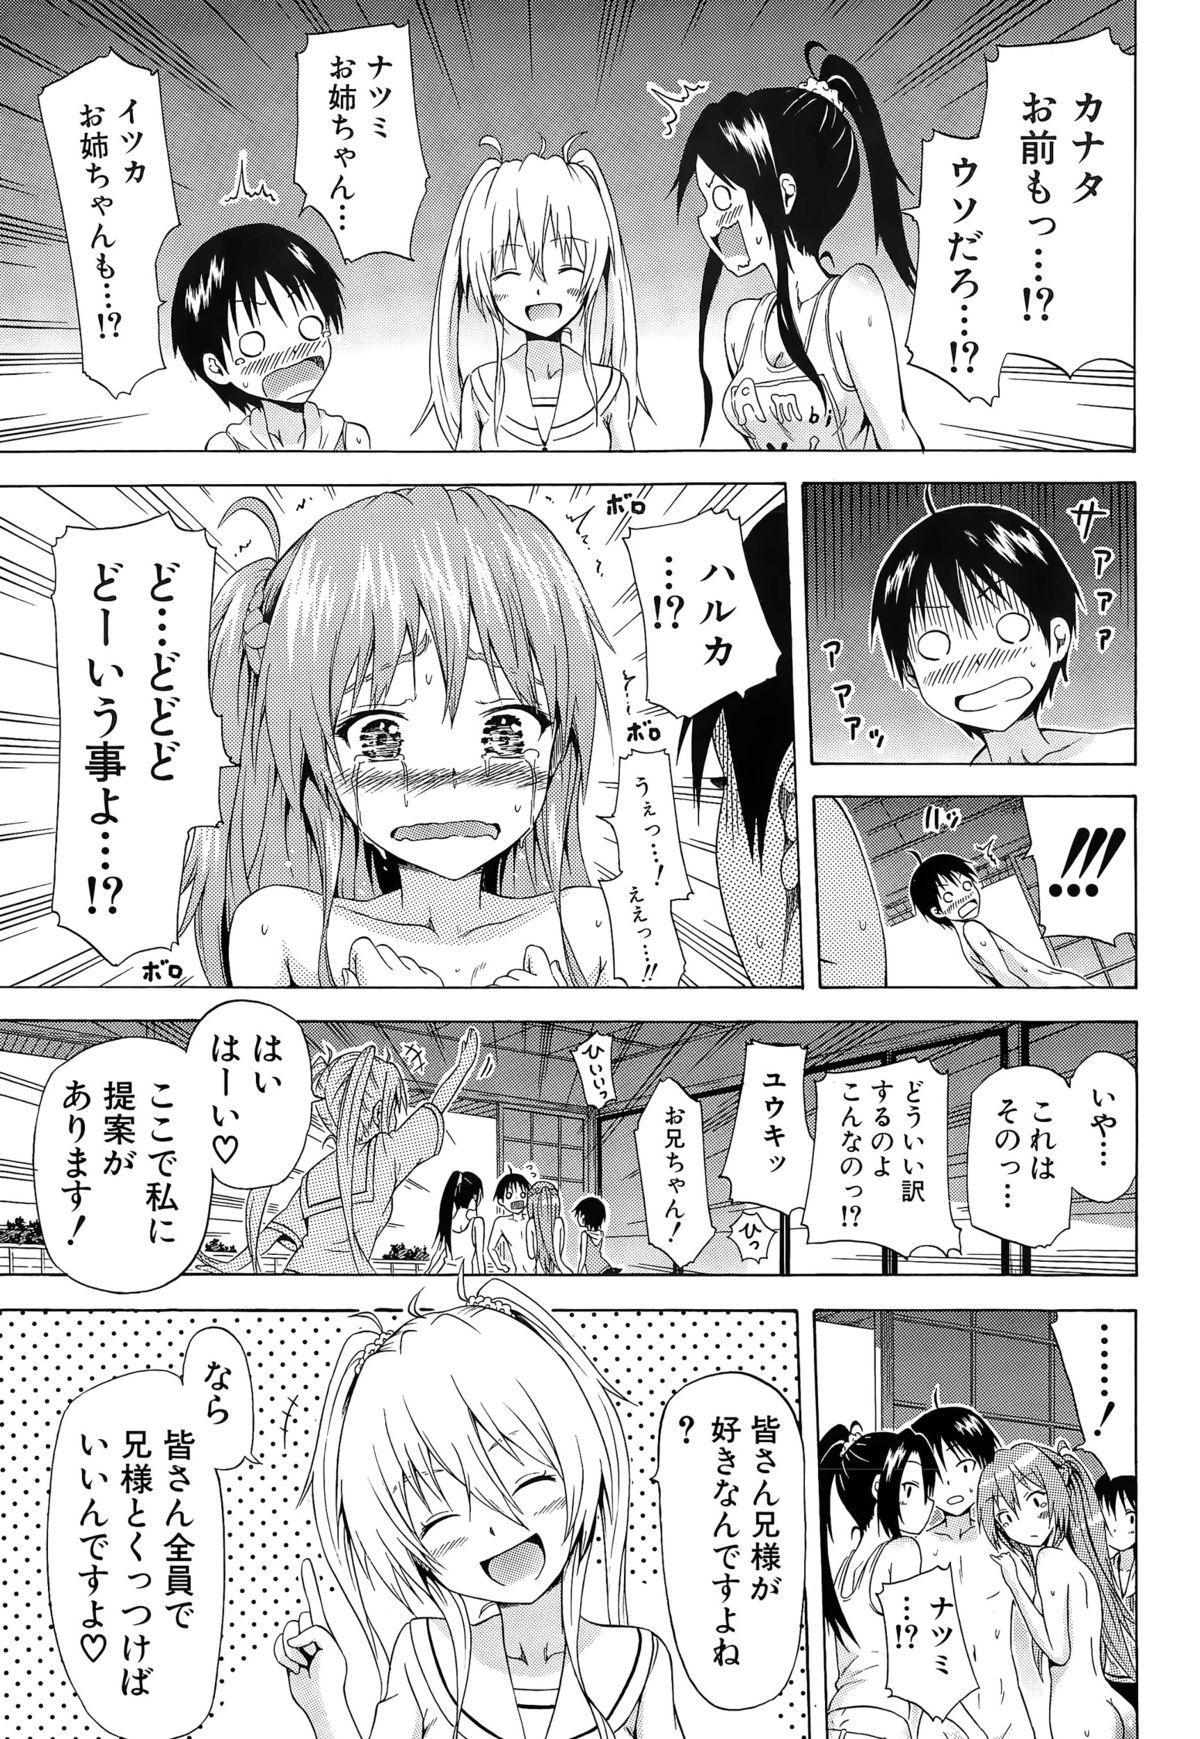 Natsumitsu x Harem! 160